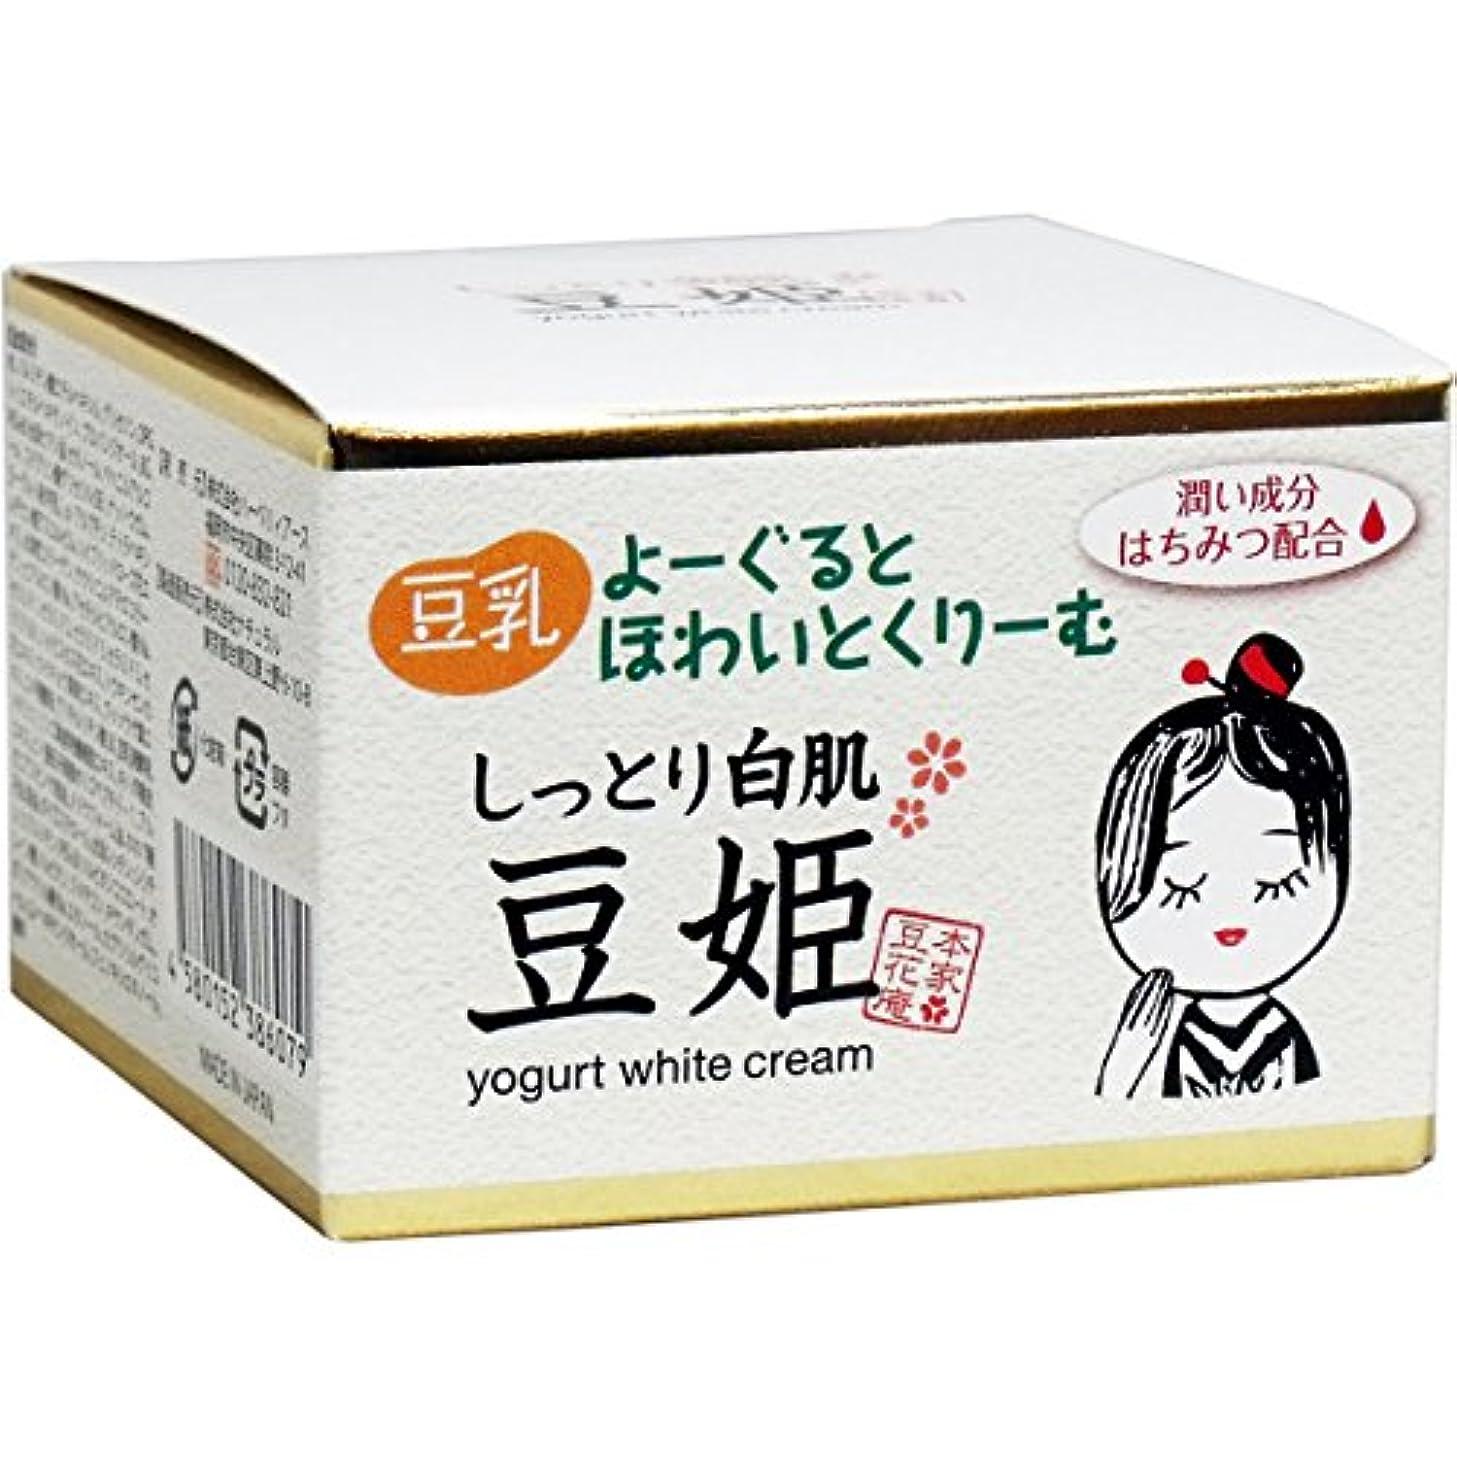 ラベンダー介入するたまに豆乳ヨーグルトホワイトクリーム (TYホワイトジェルクリーム 90g)